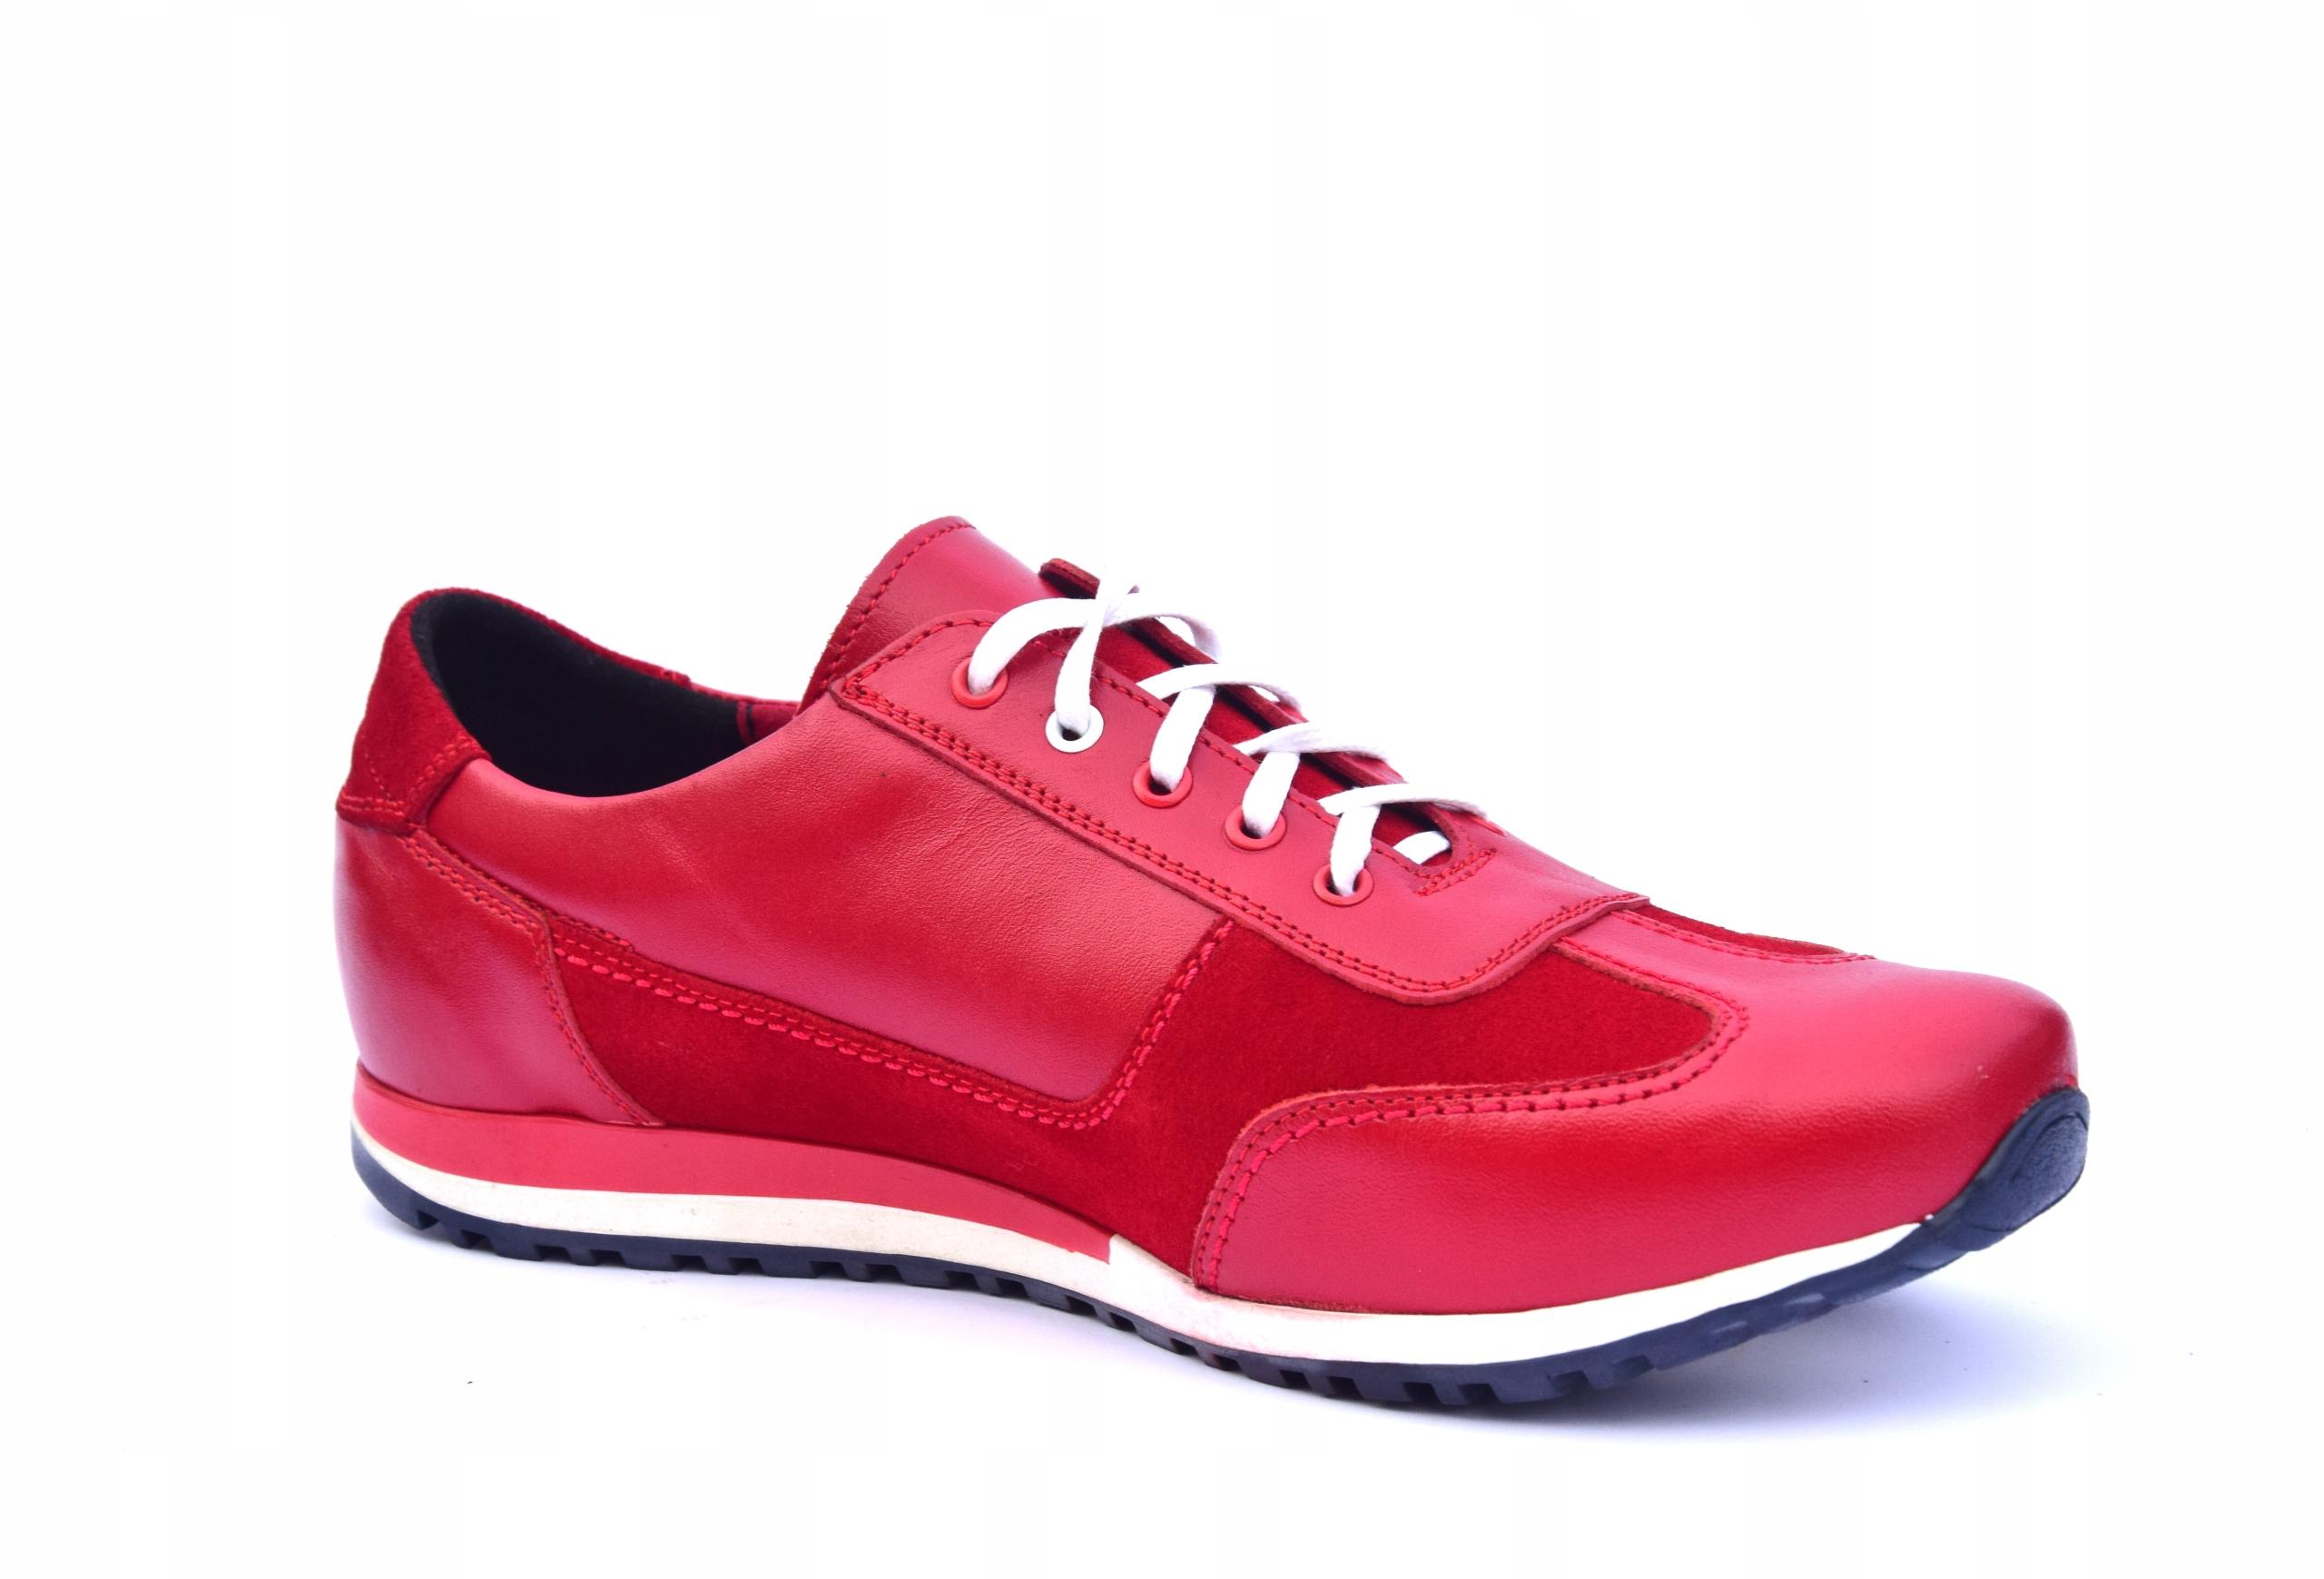 Buty skórzane czerwone obuwie ze skóry PL 294 Waga produktu z opakowaniem jednostkowym 2 kg